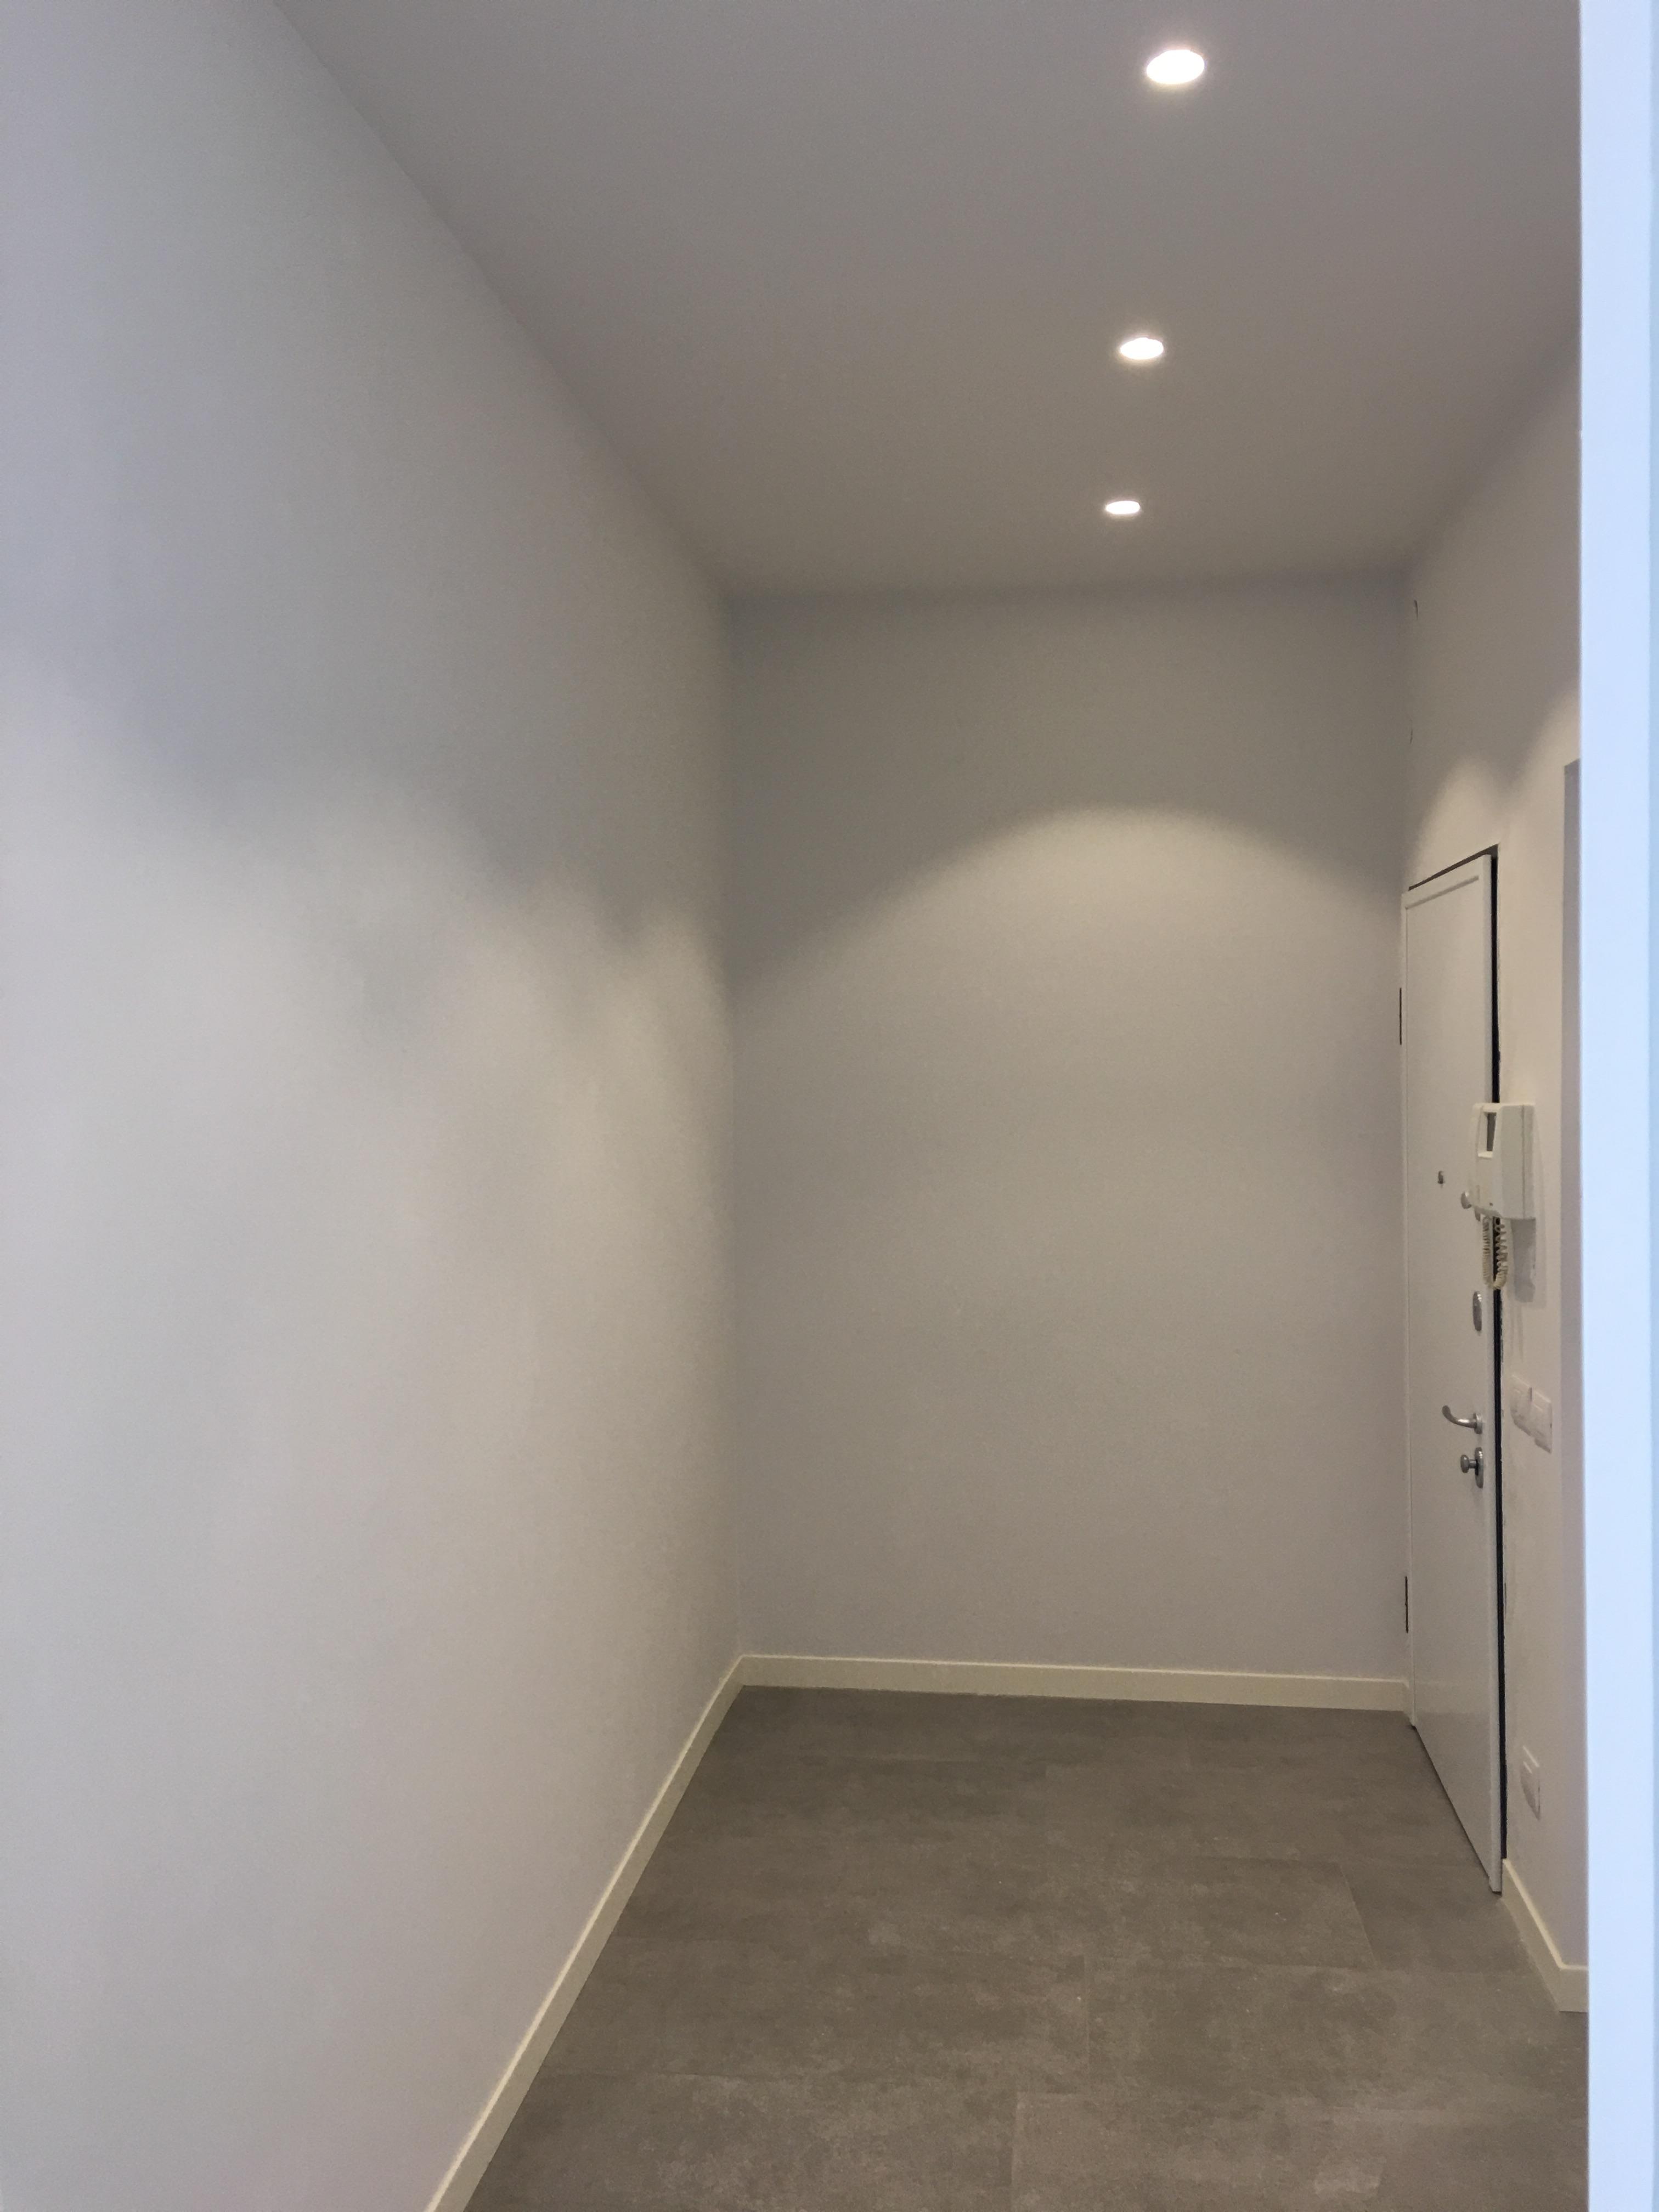 porta vittoria appartamento stupendo ristrutturato milano immobiliare-02.JPG